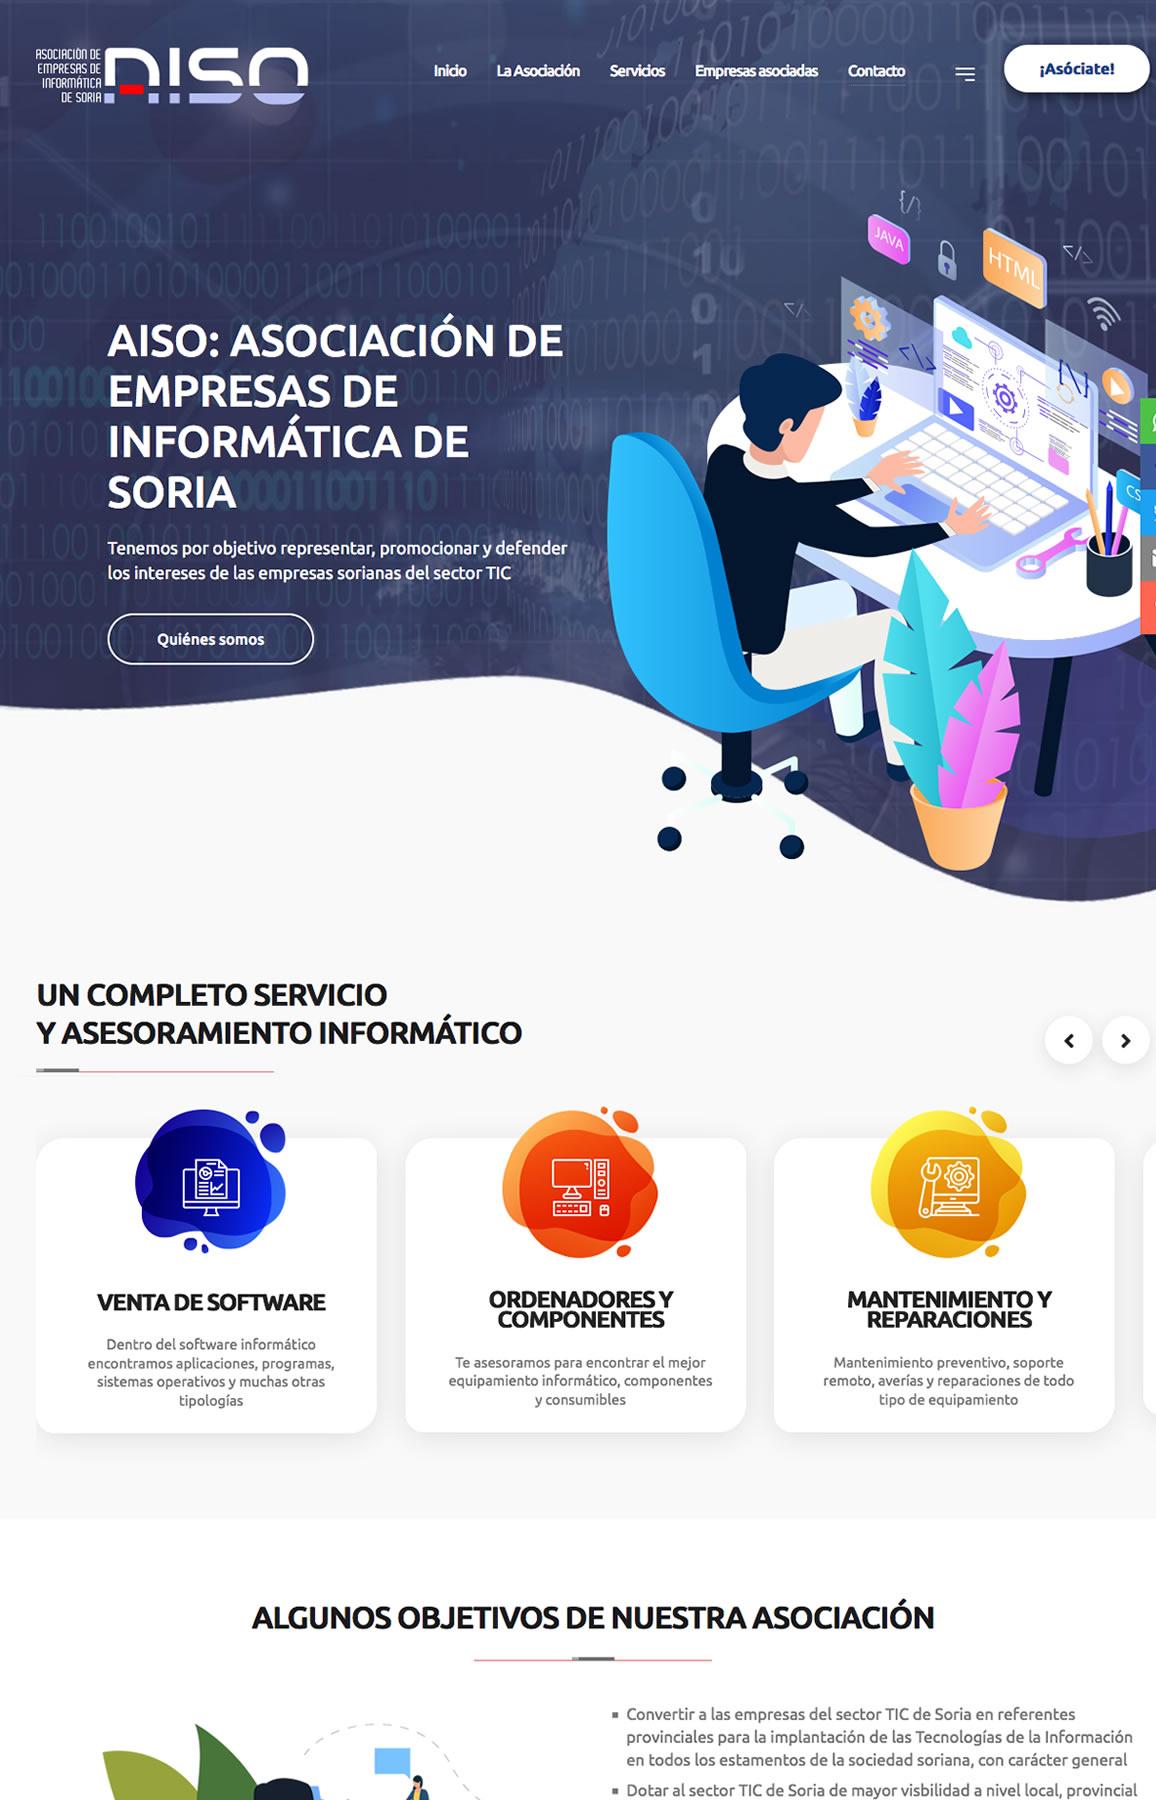 AISO. Asociación de empresas de informática de Soria